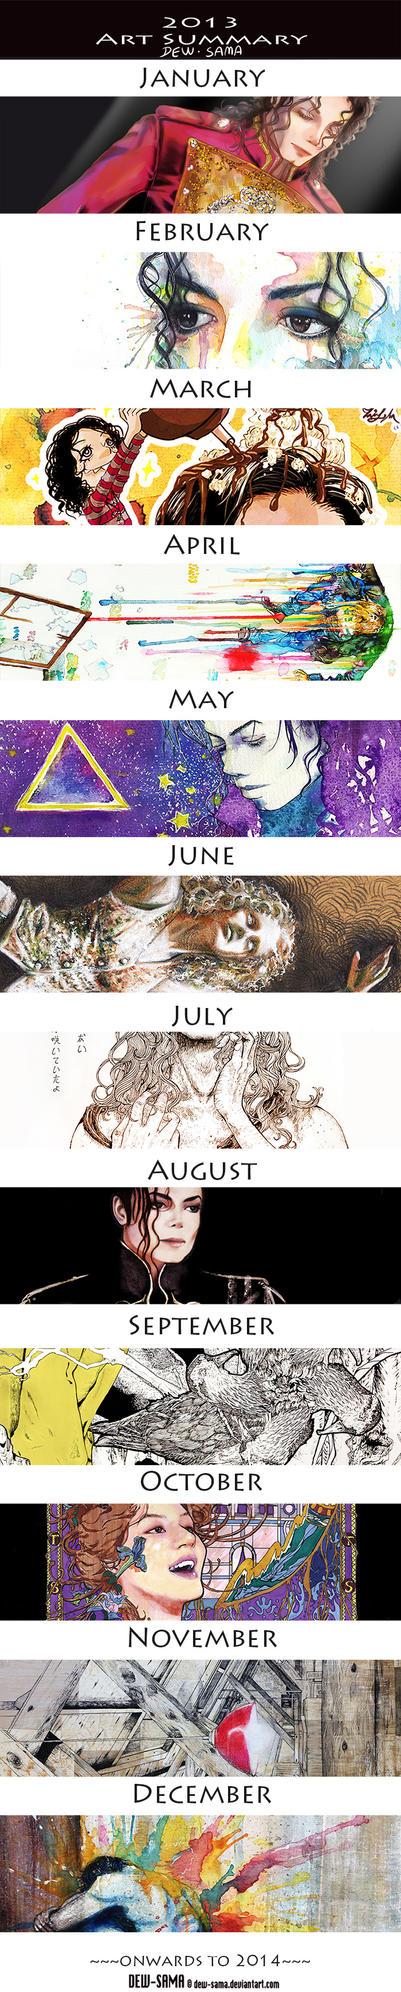 Art Summary 2013 by Dew-Sama